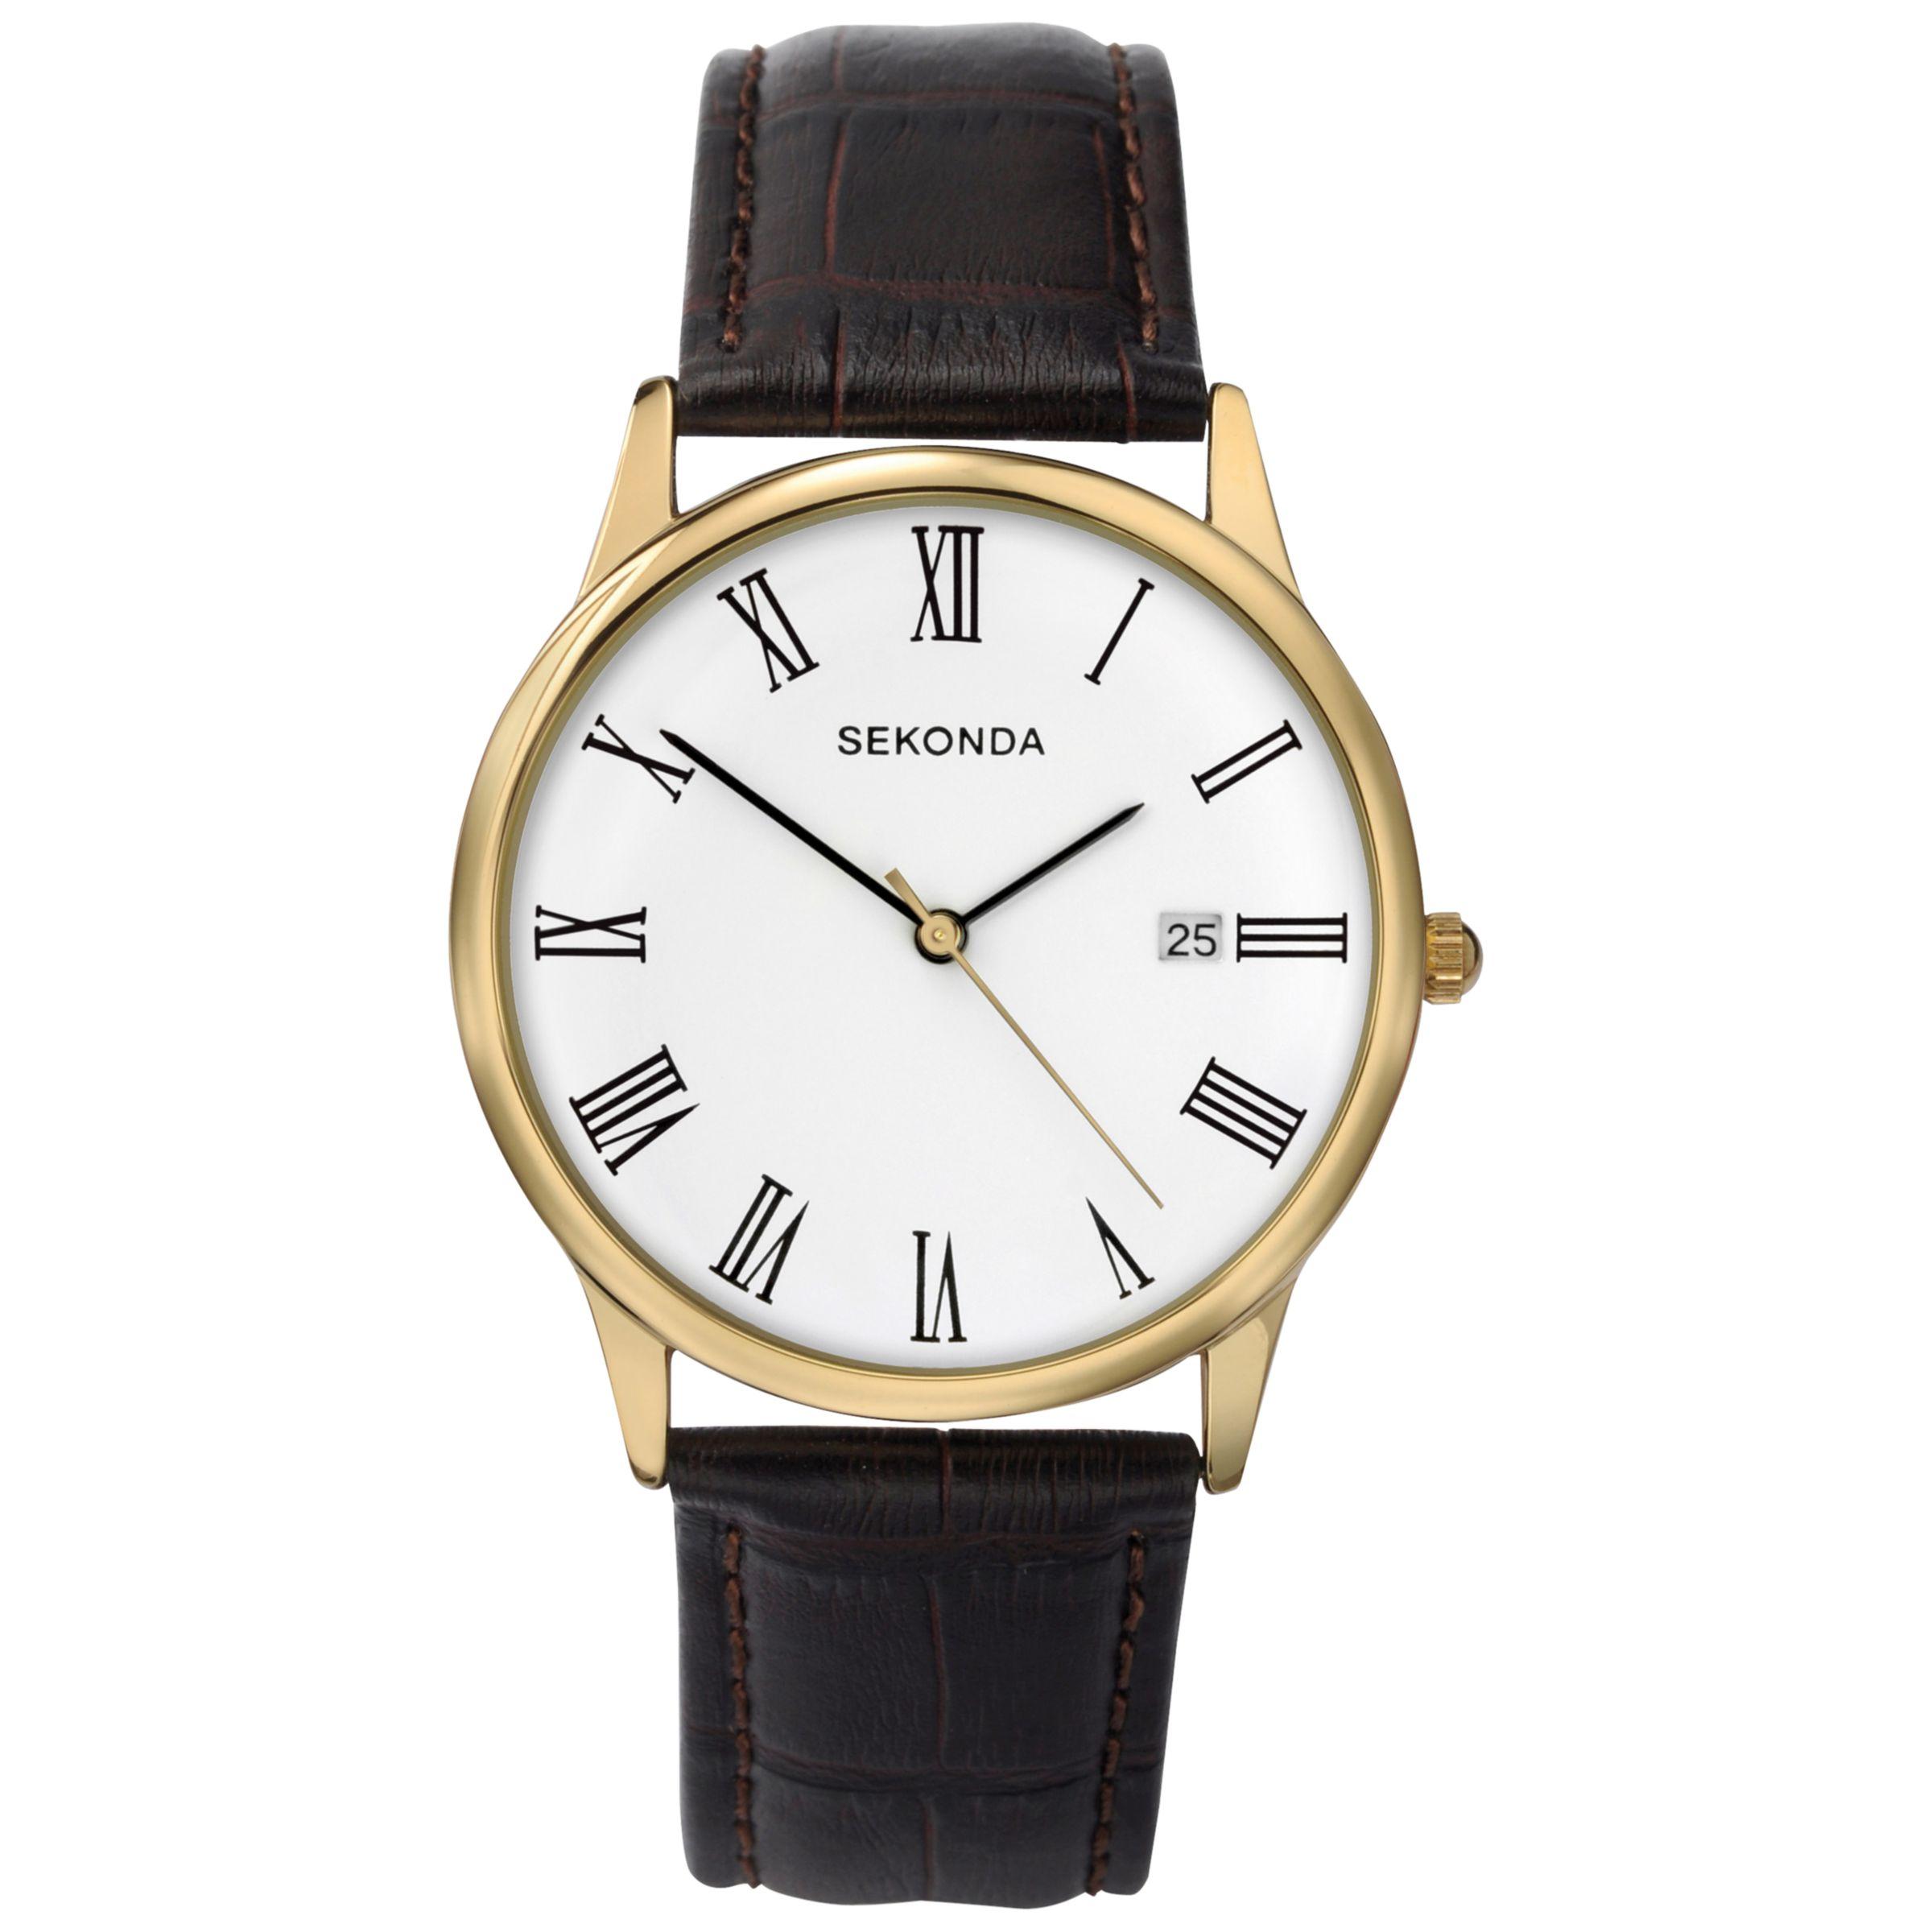 Sekonda Sekonda 3676.27 Men's Date Dial Leather Strap Watch, Brown/White